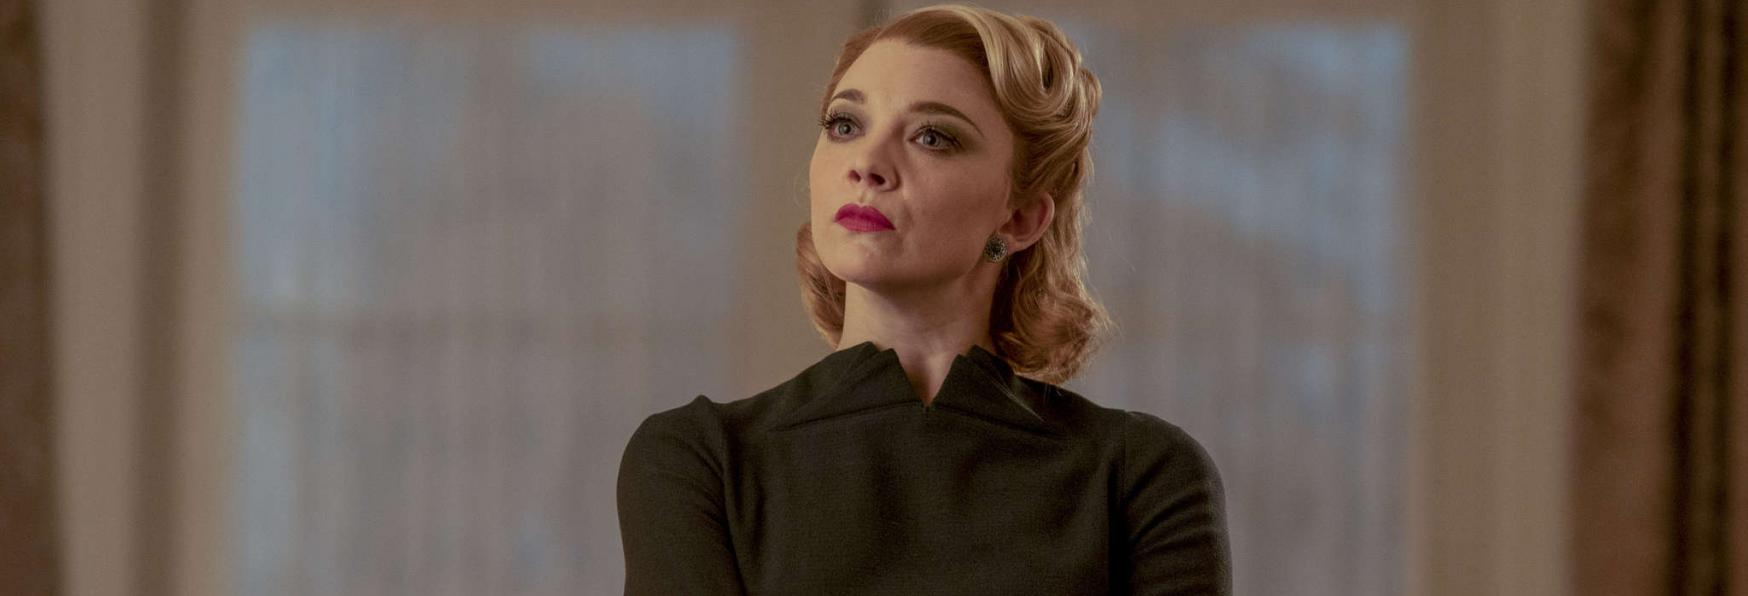 Penny Dreadful: City of Angels - La Serie TV viene Cancellata dopo la Prima Stagione